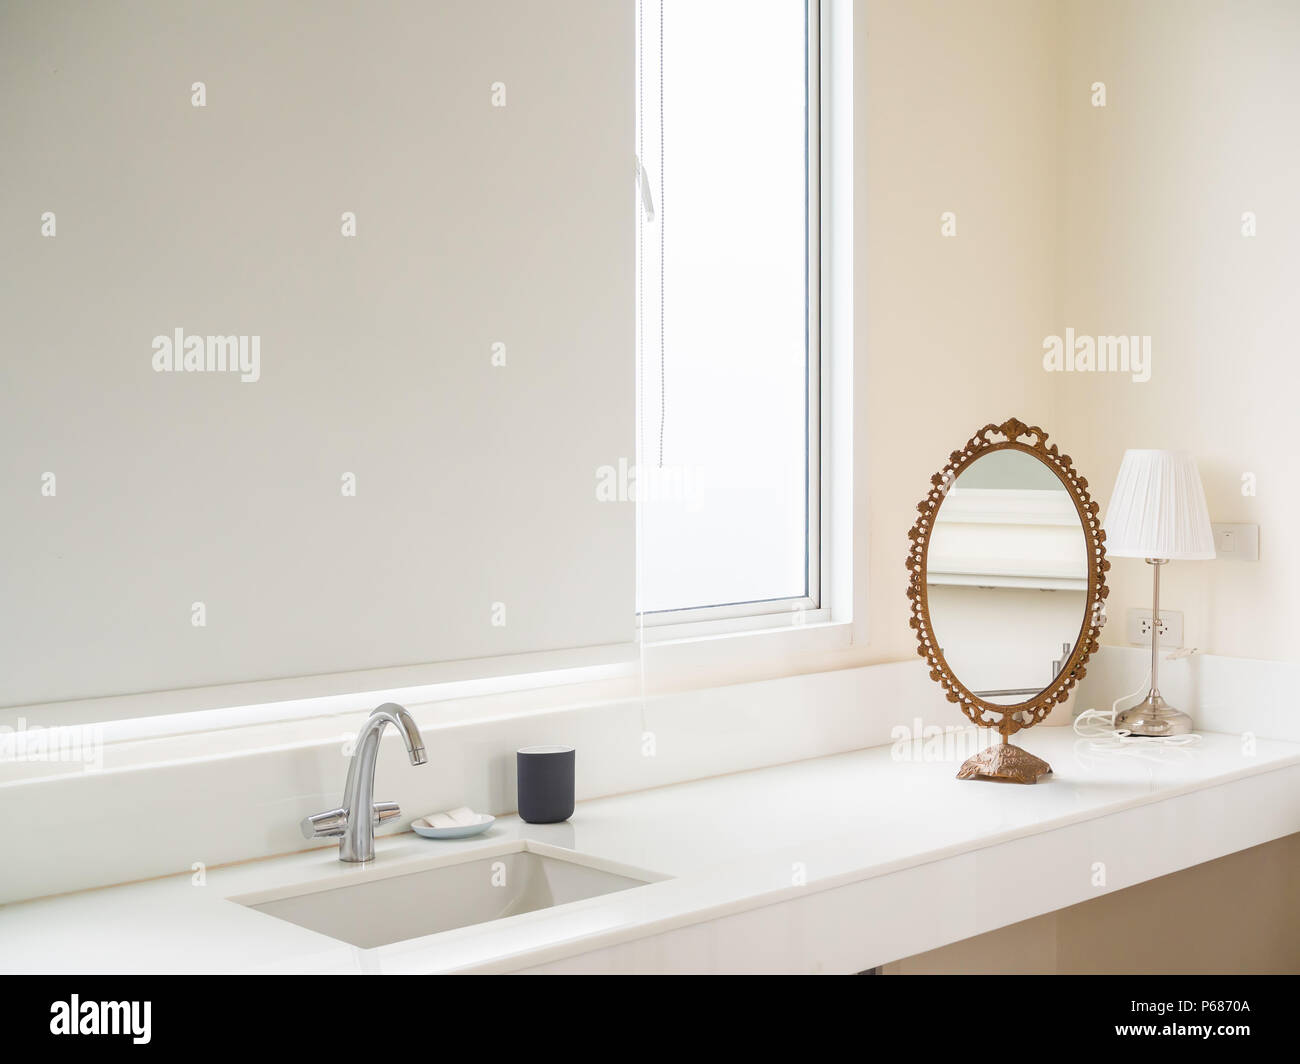 Sauberes weißes Bad mit Waschbecken Waschbecken Wasserhahn ...